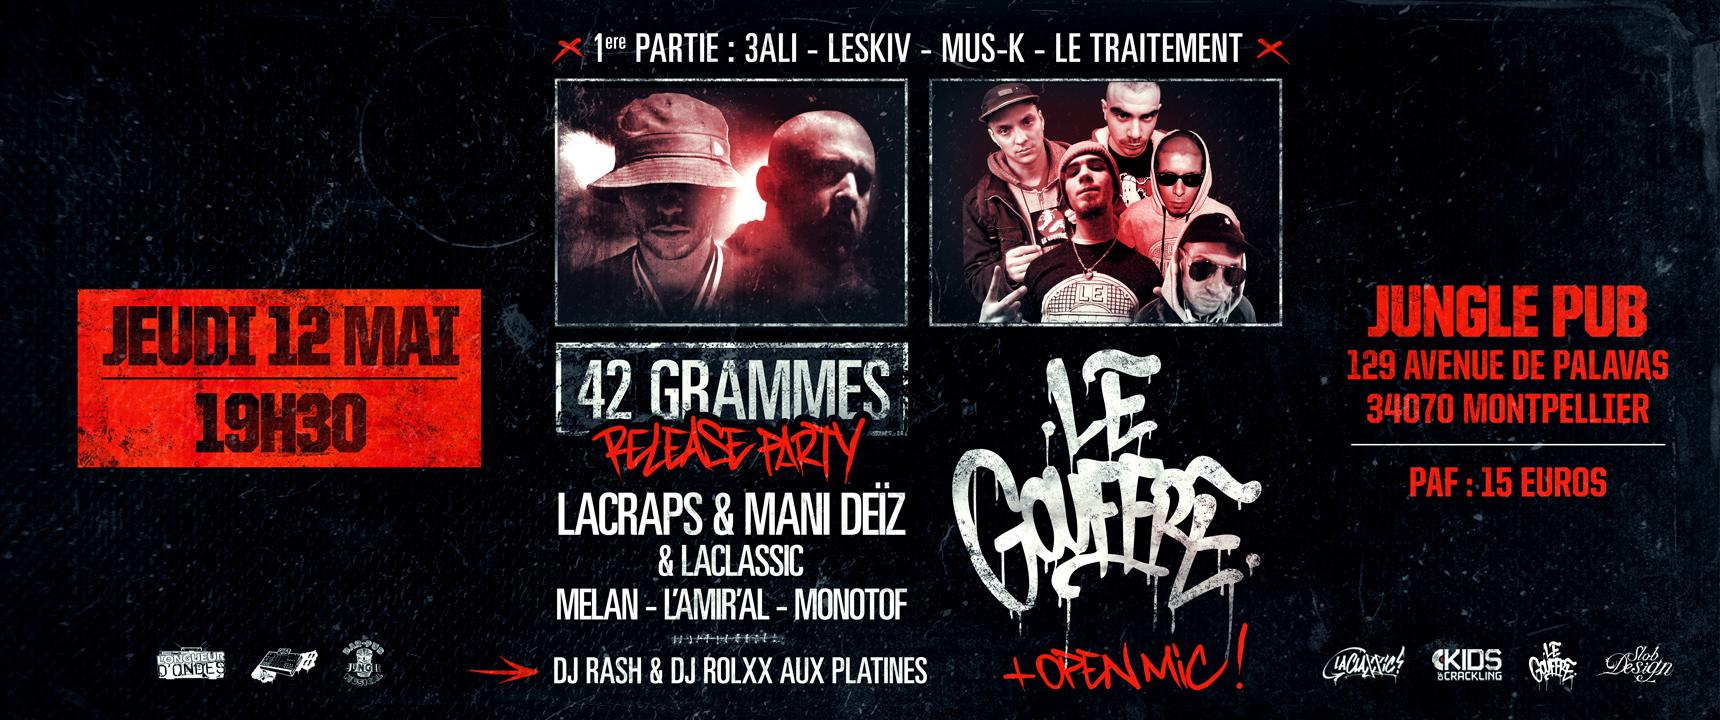 LACRAPS_LG_Concert_Affiche_Horiz